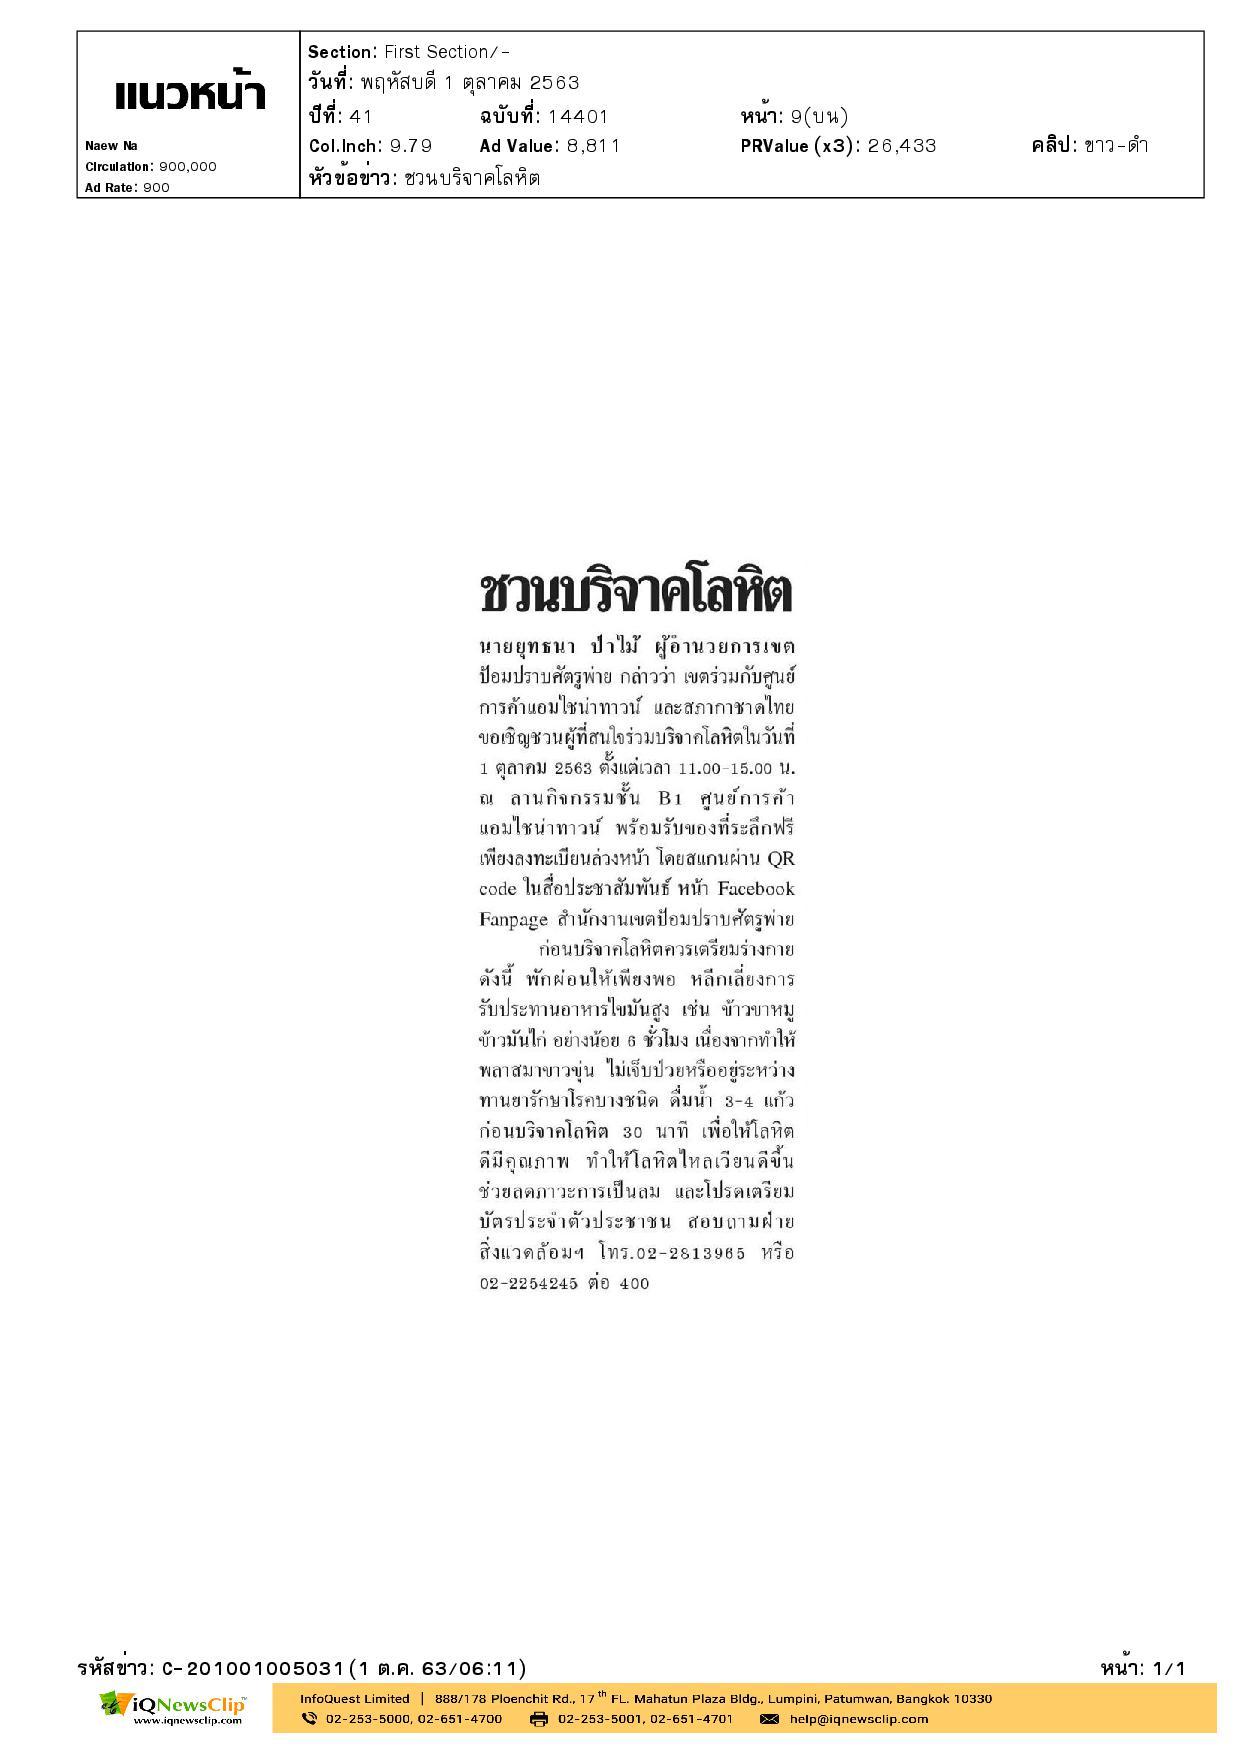 สภากาชาดไทย  เชิญชวนร่วมบริจาคโลหิต